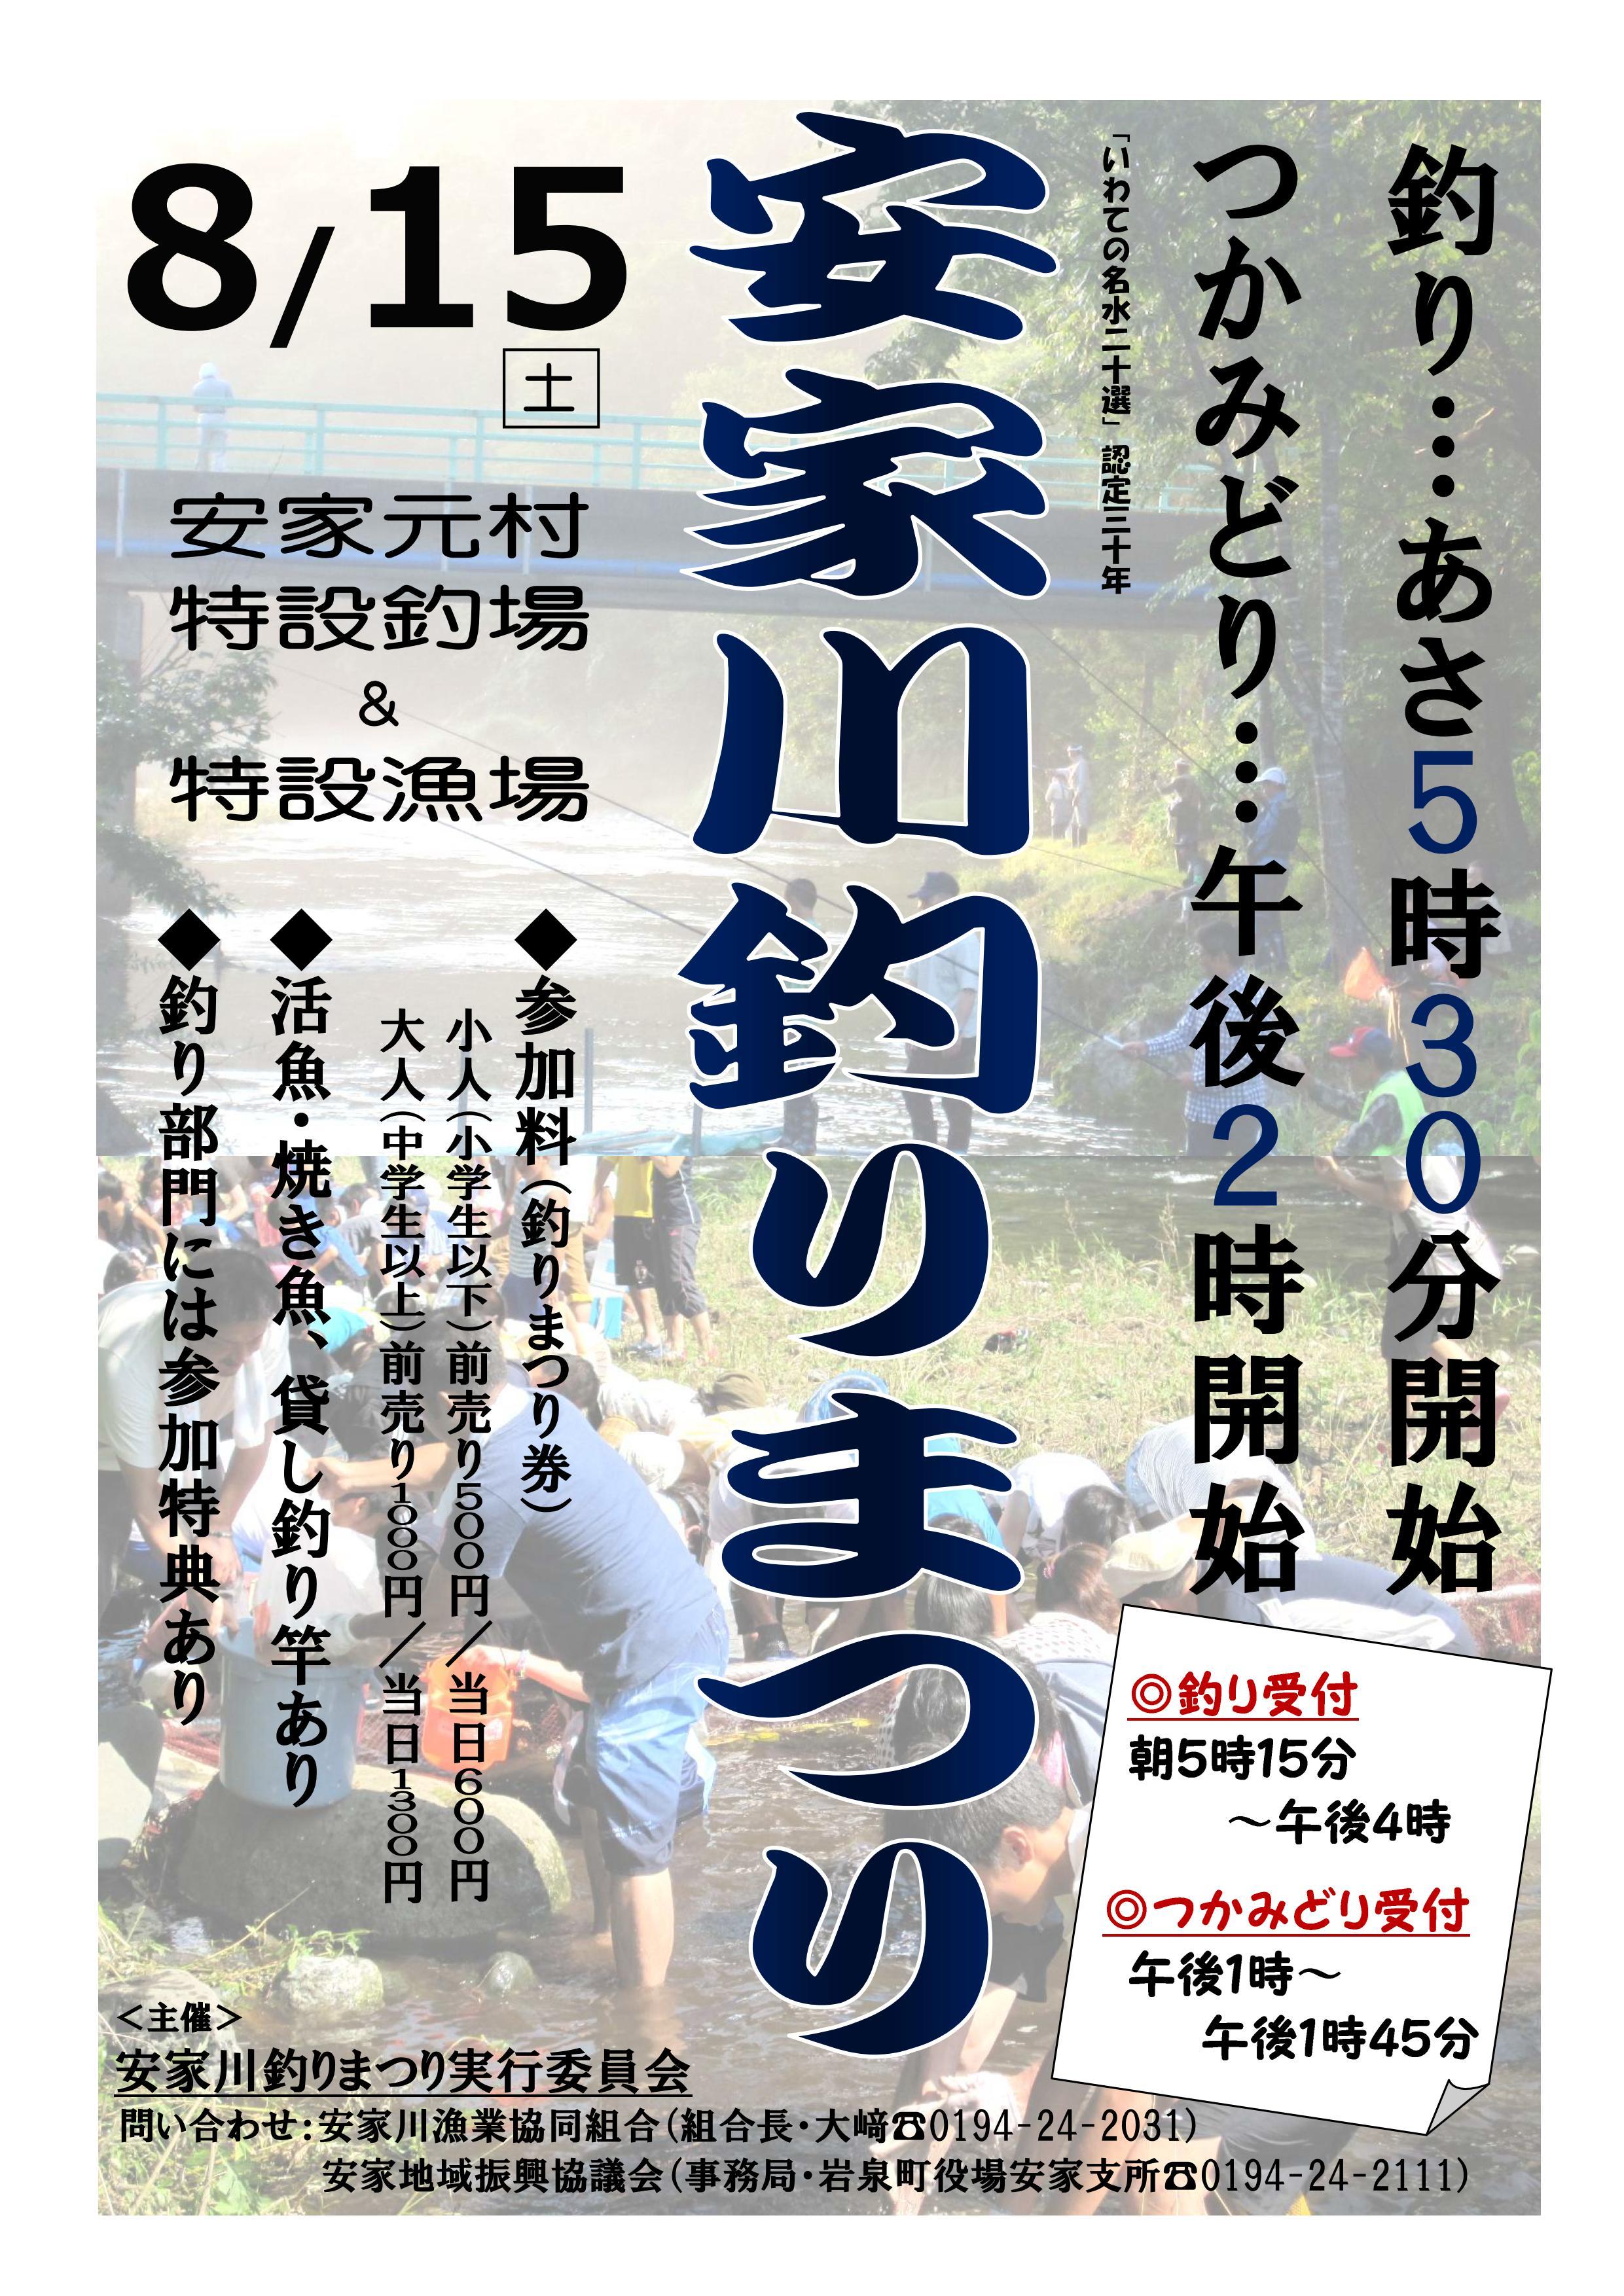 H27釣りまつりポスター_01